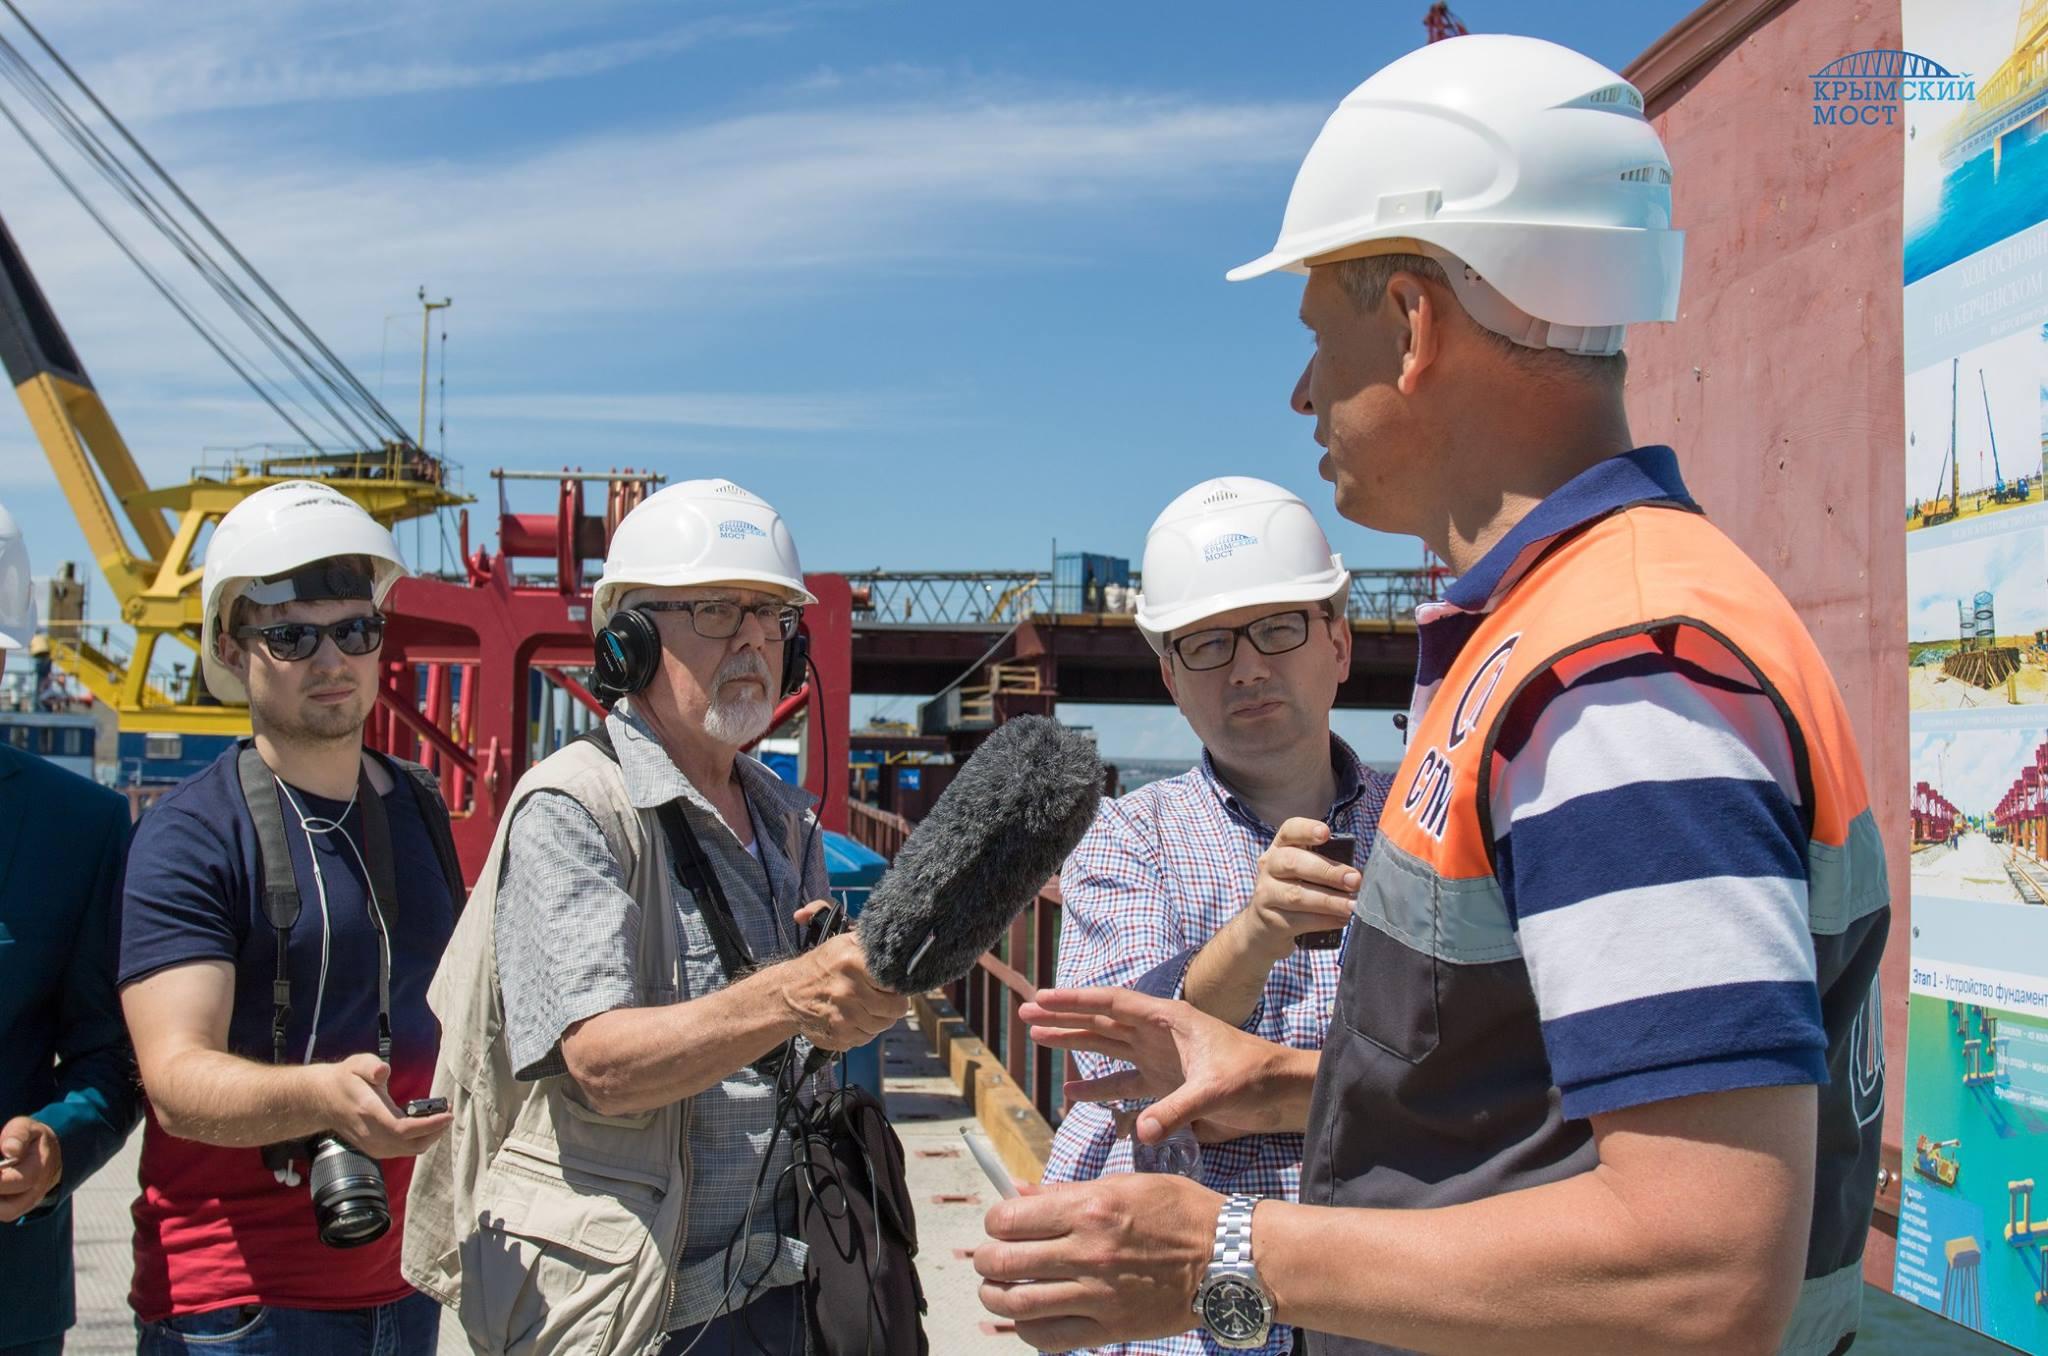 Иностранные журналисты в восторге от Крымского моста (фото, видео)